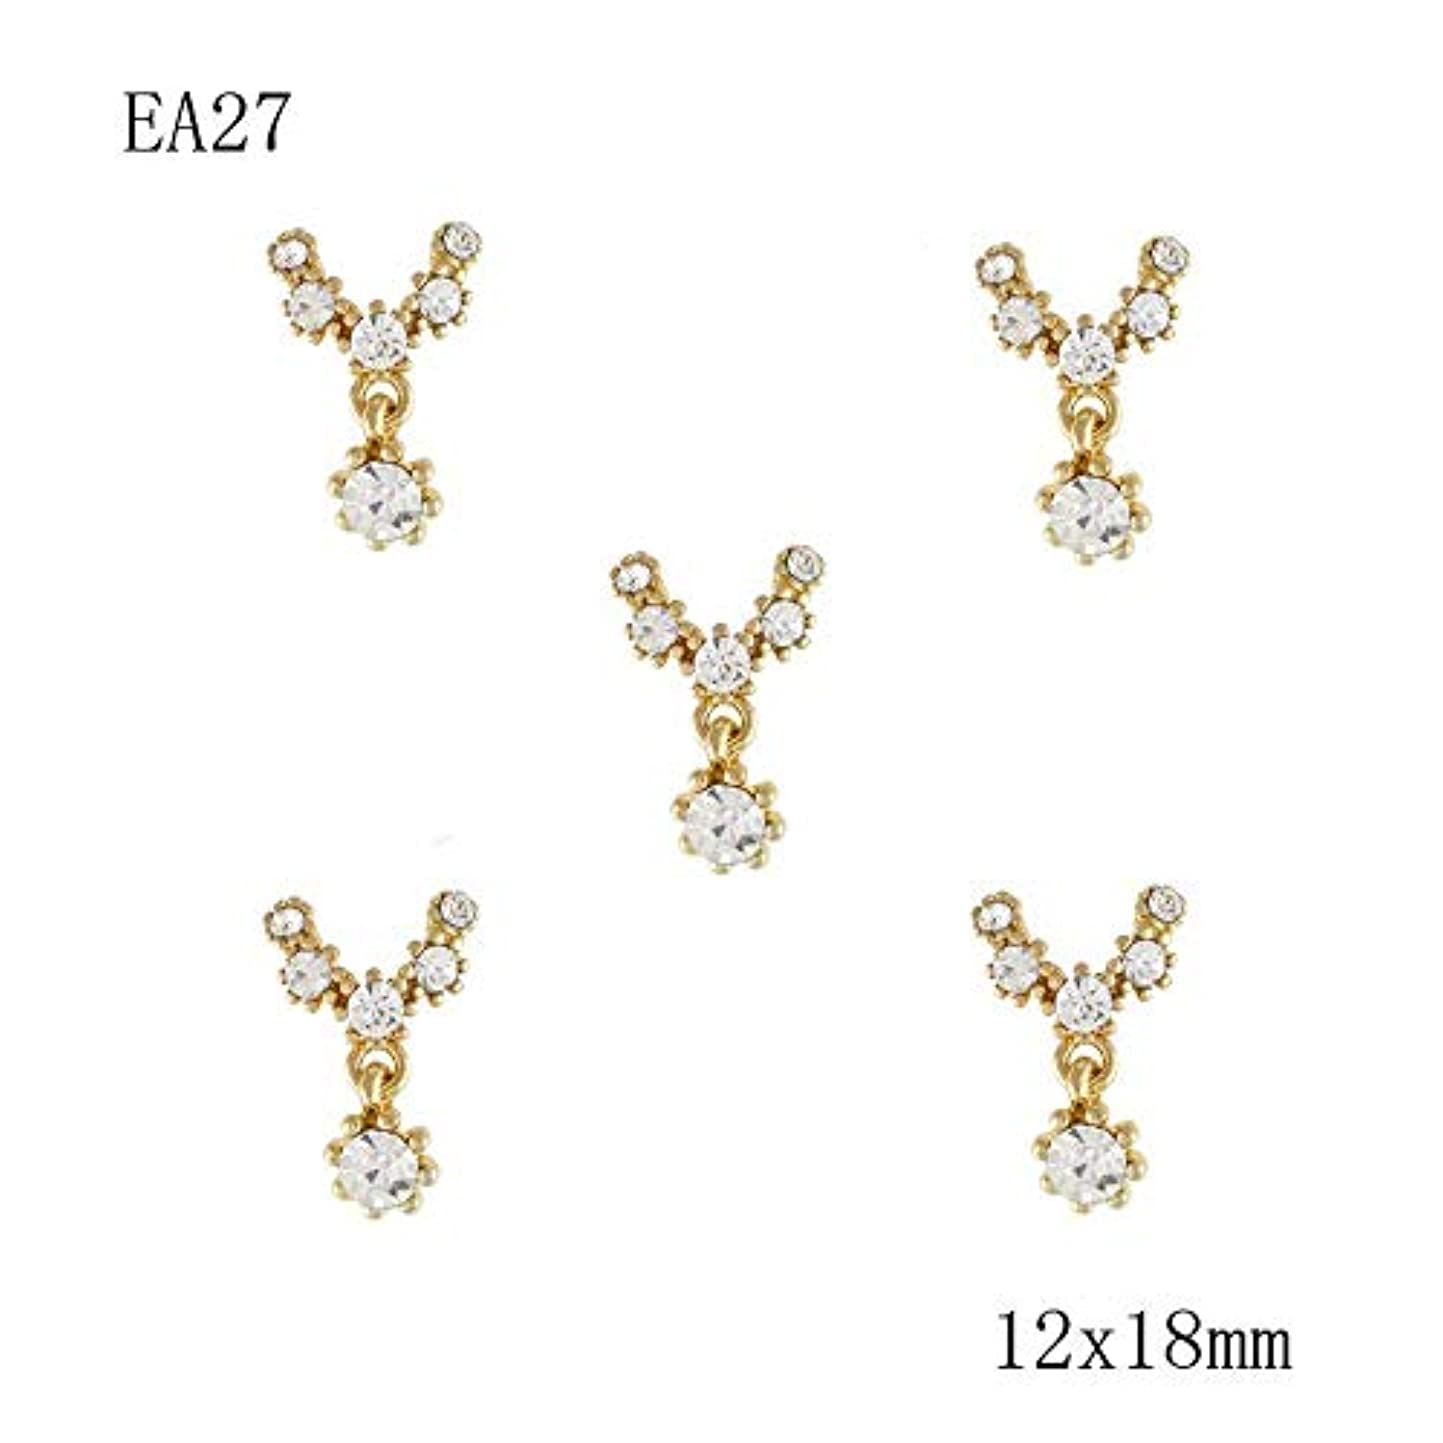 ハードリング提供された遅い10PCS金銀金属の3Dダイヤモンドネイルアートクリスマスの装飾の魅力の爪は、ラインストーンネイル用品の宝石クリスマスのキラキラ,21